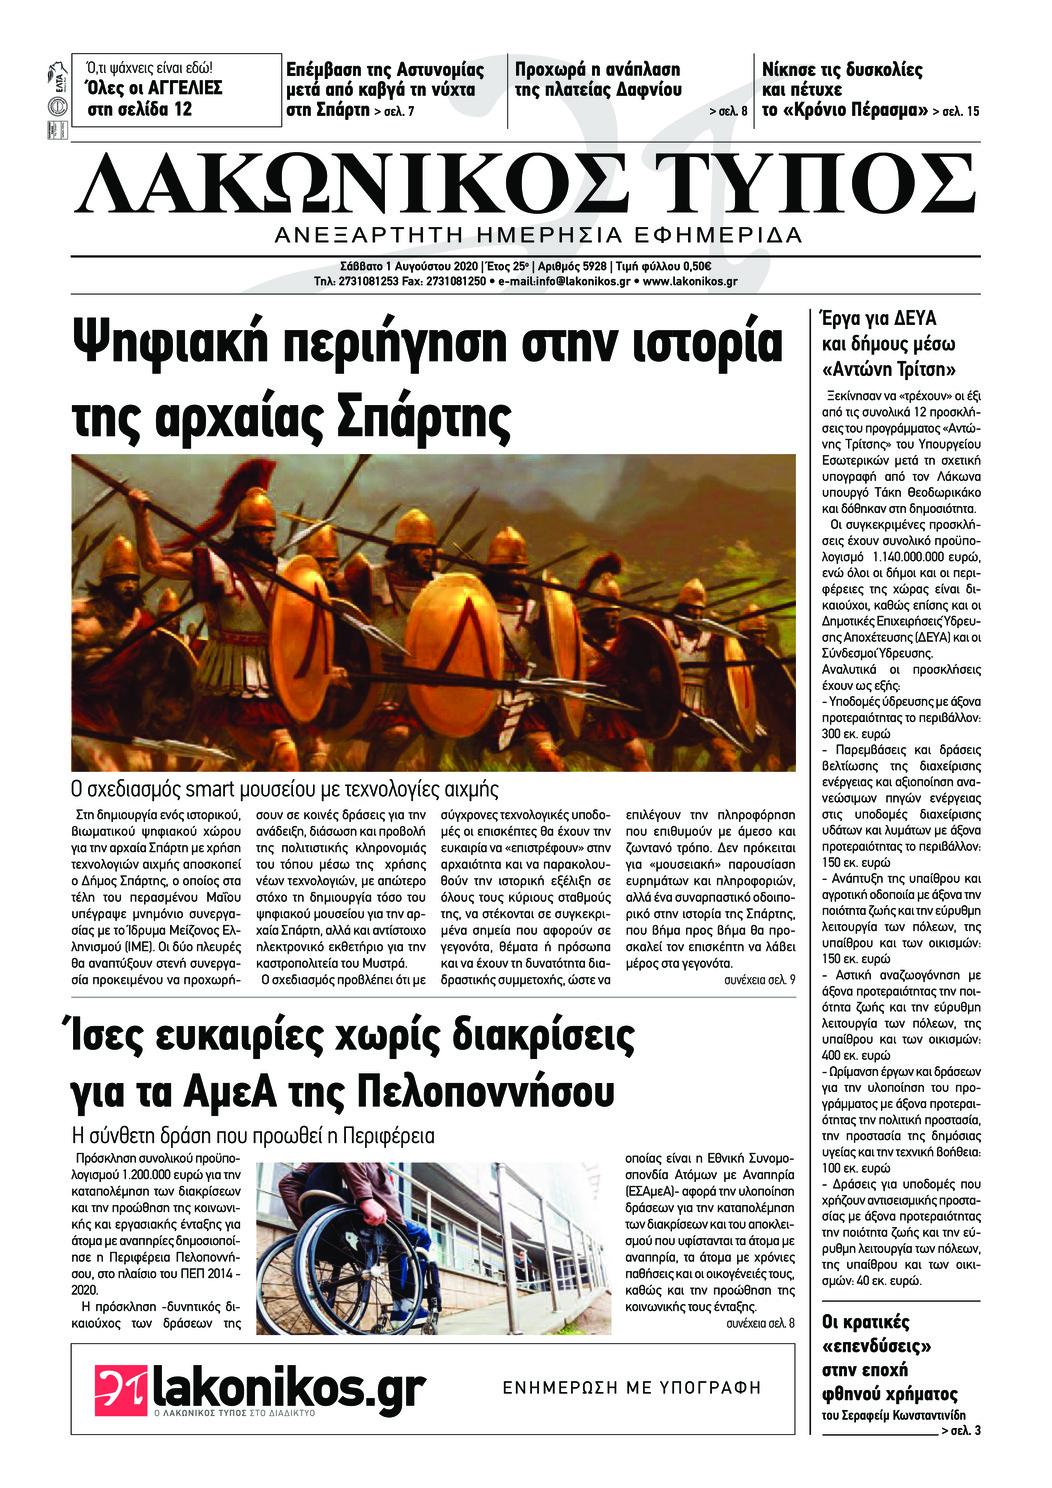 Πρωτοσέλιδο εφημερίδας Λακωνικός Τύπος